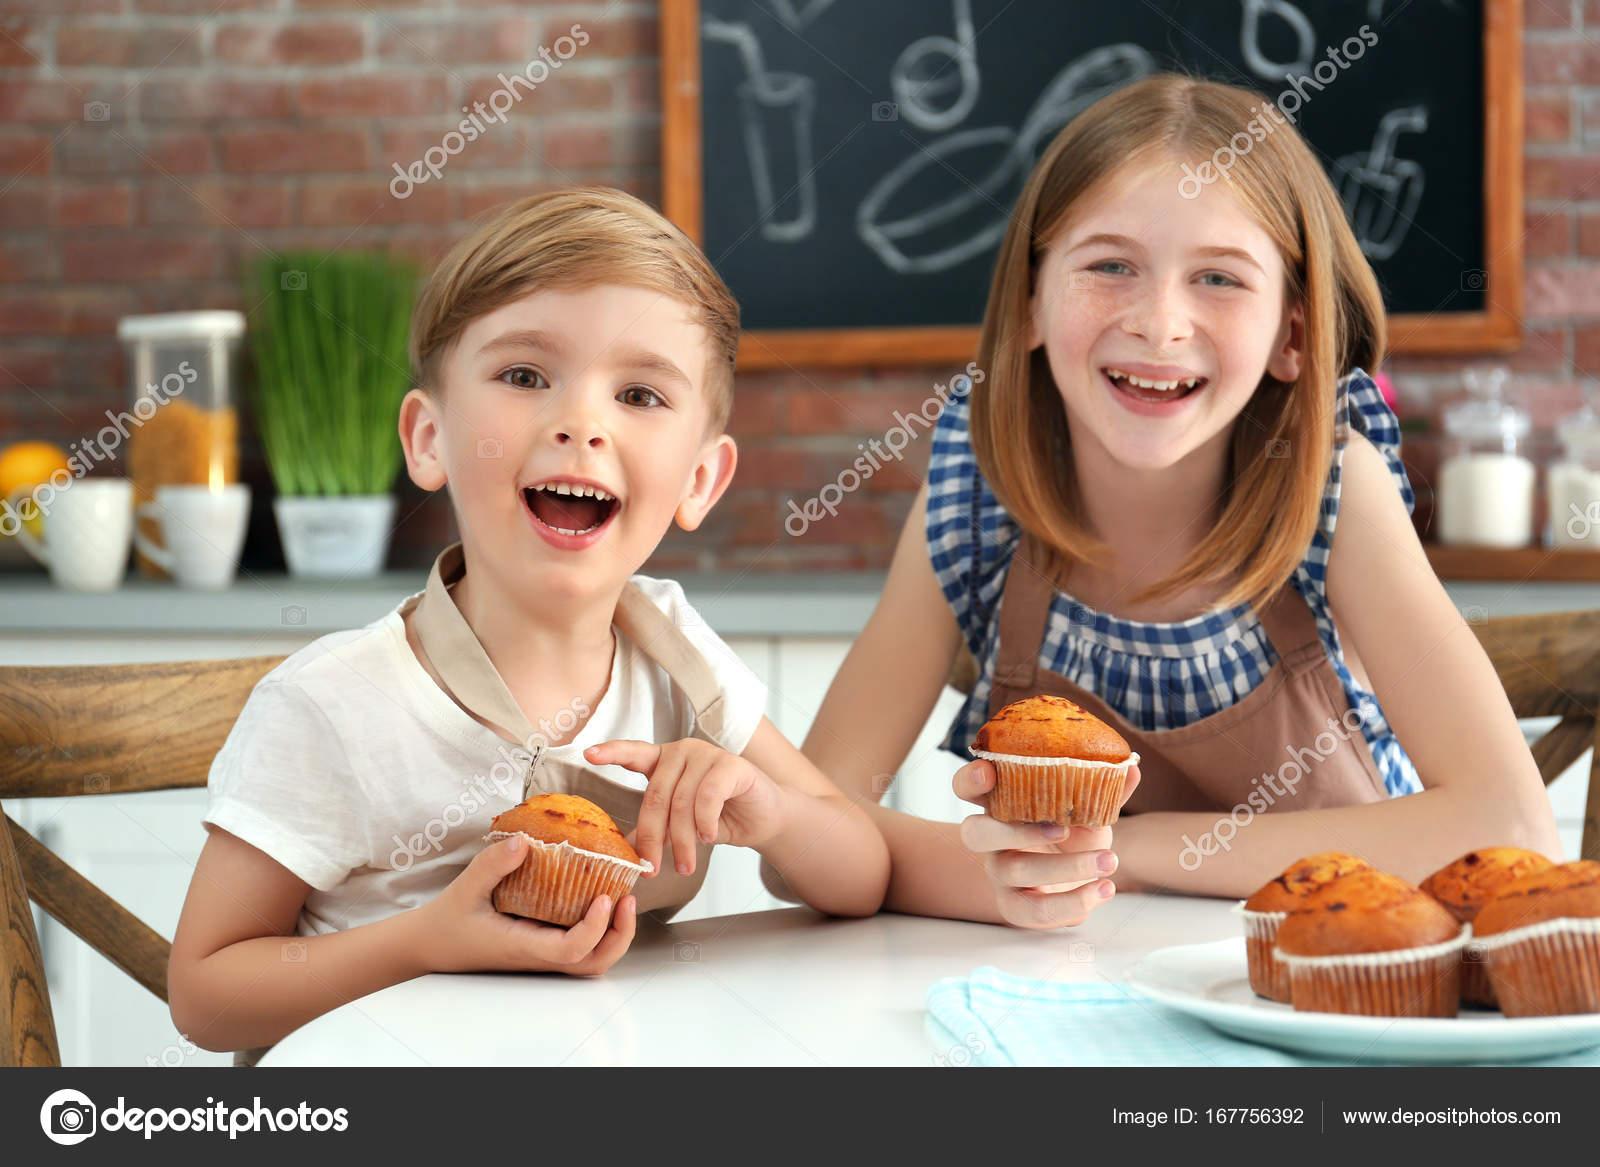 Imágenes Niños Comiendo En Clase Niño Y Niña Comiendo Muffins